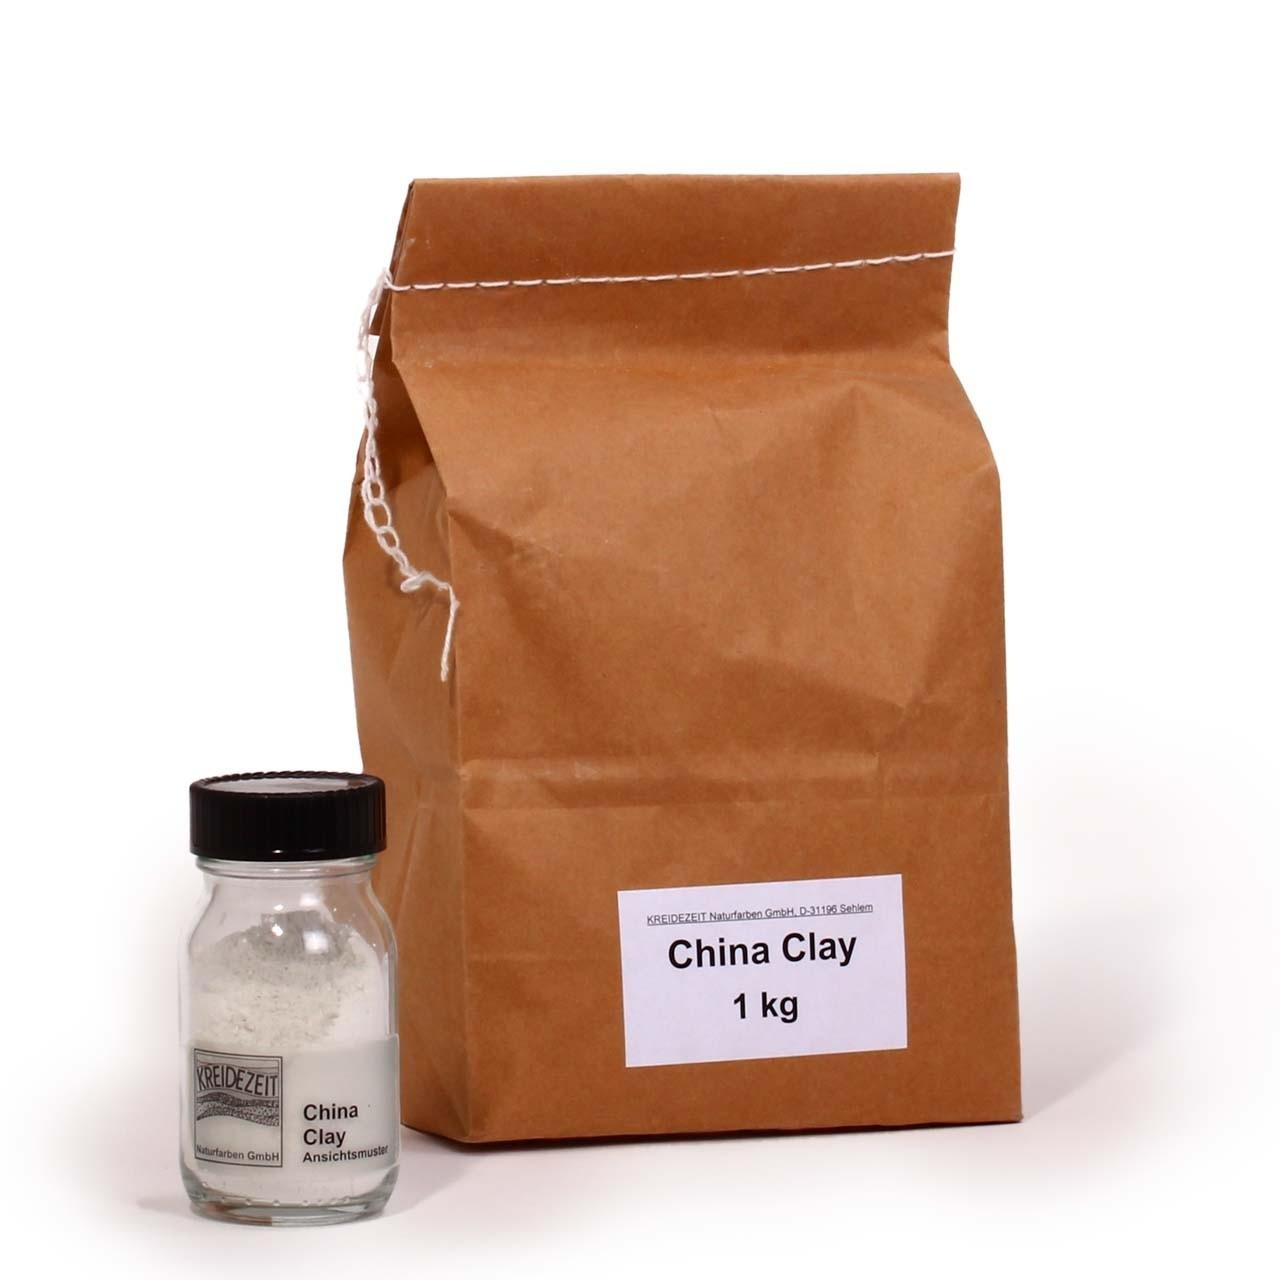 Kreidezeit China Clay 1 kg